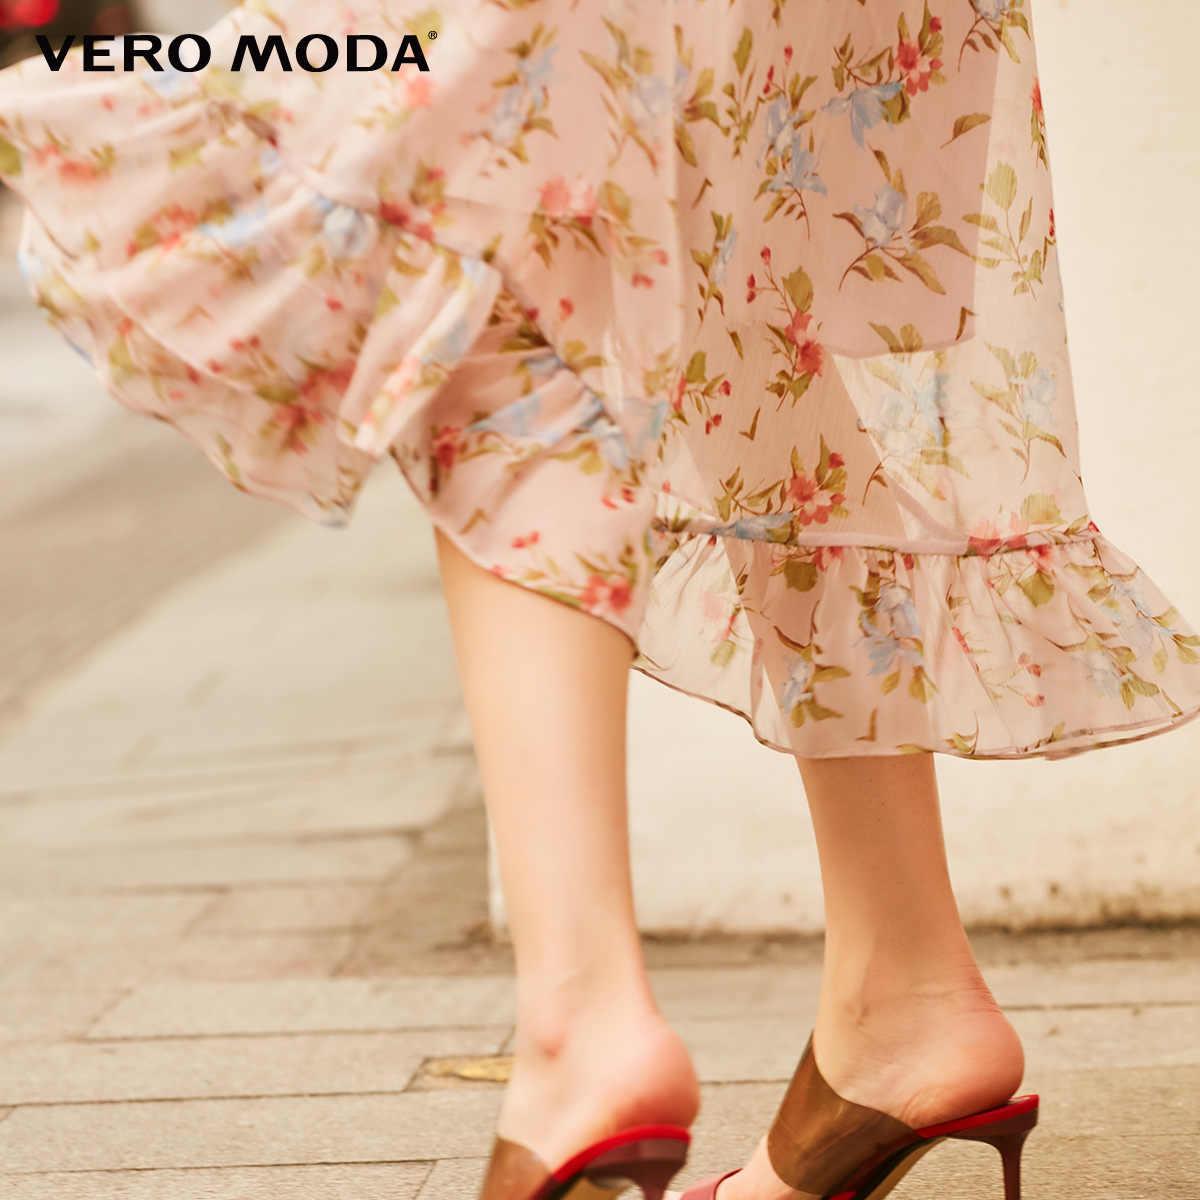 Vero Moda 2019 Новое поступление печатное ТРАПЕЦИЕВИДНОЕ длинное шифоновое платье для отдыха | 31917C546